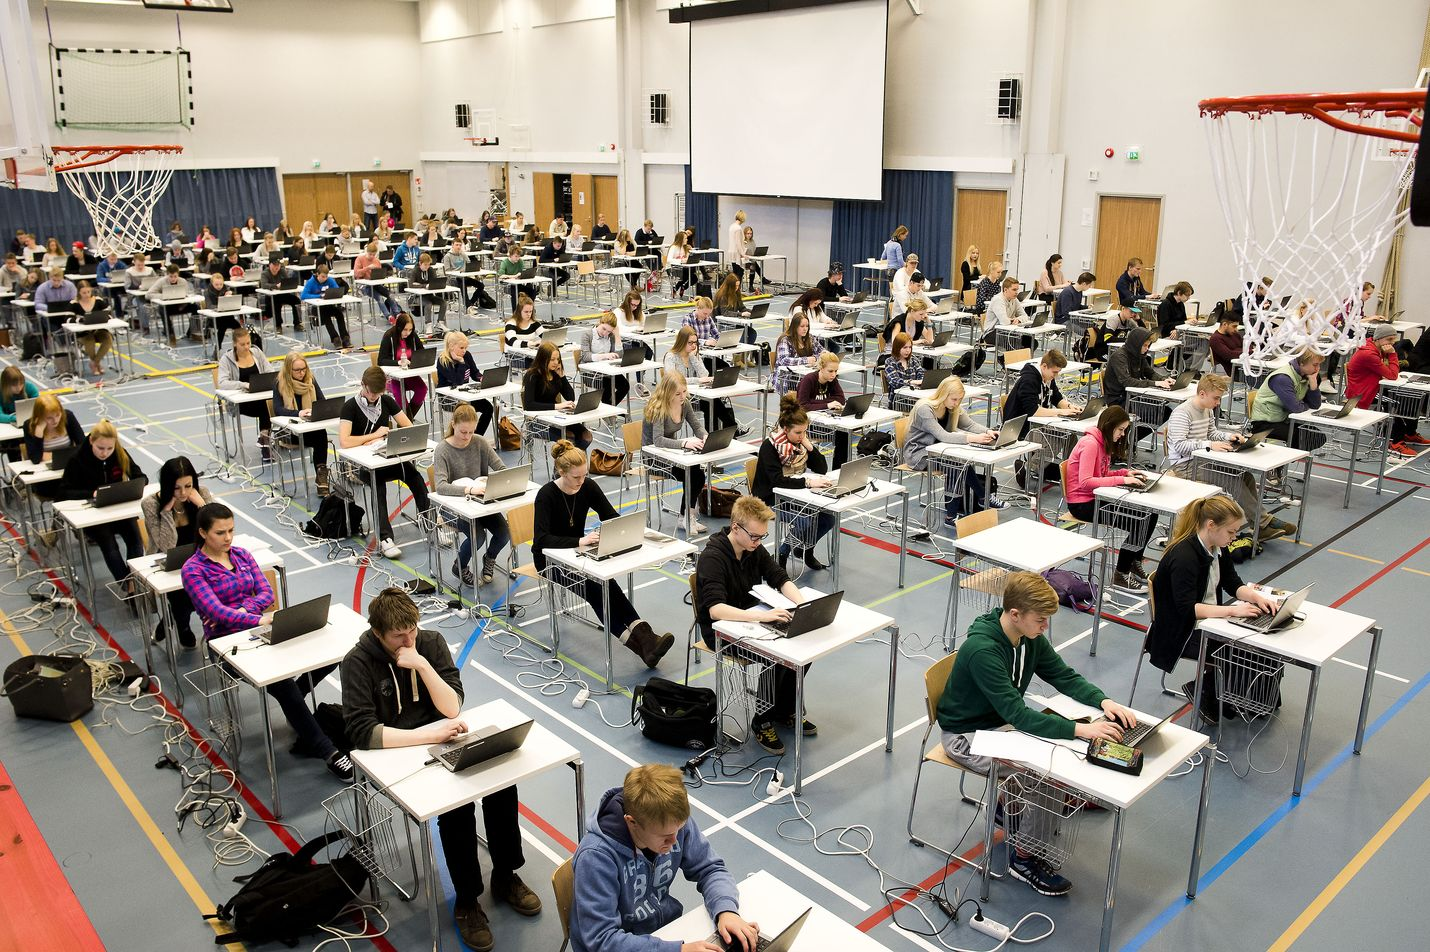 Antti Rinteen hallitusohjelmassa todetaan, että hallitus tavoittelee toisen kotimaisen kielen palauttamisen pakolliseksi ylioppilaskirjoituksessa. Lisäksi hallitus valmistelee toisen kotimaisen kielen oppimista vahvistavan ohjelman.